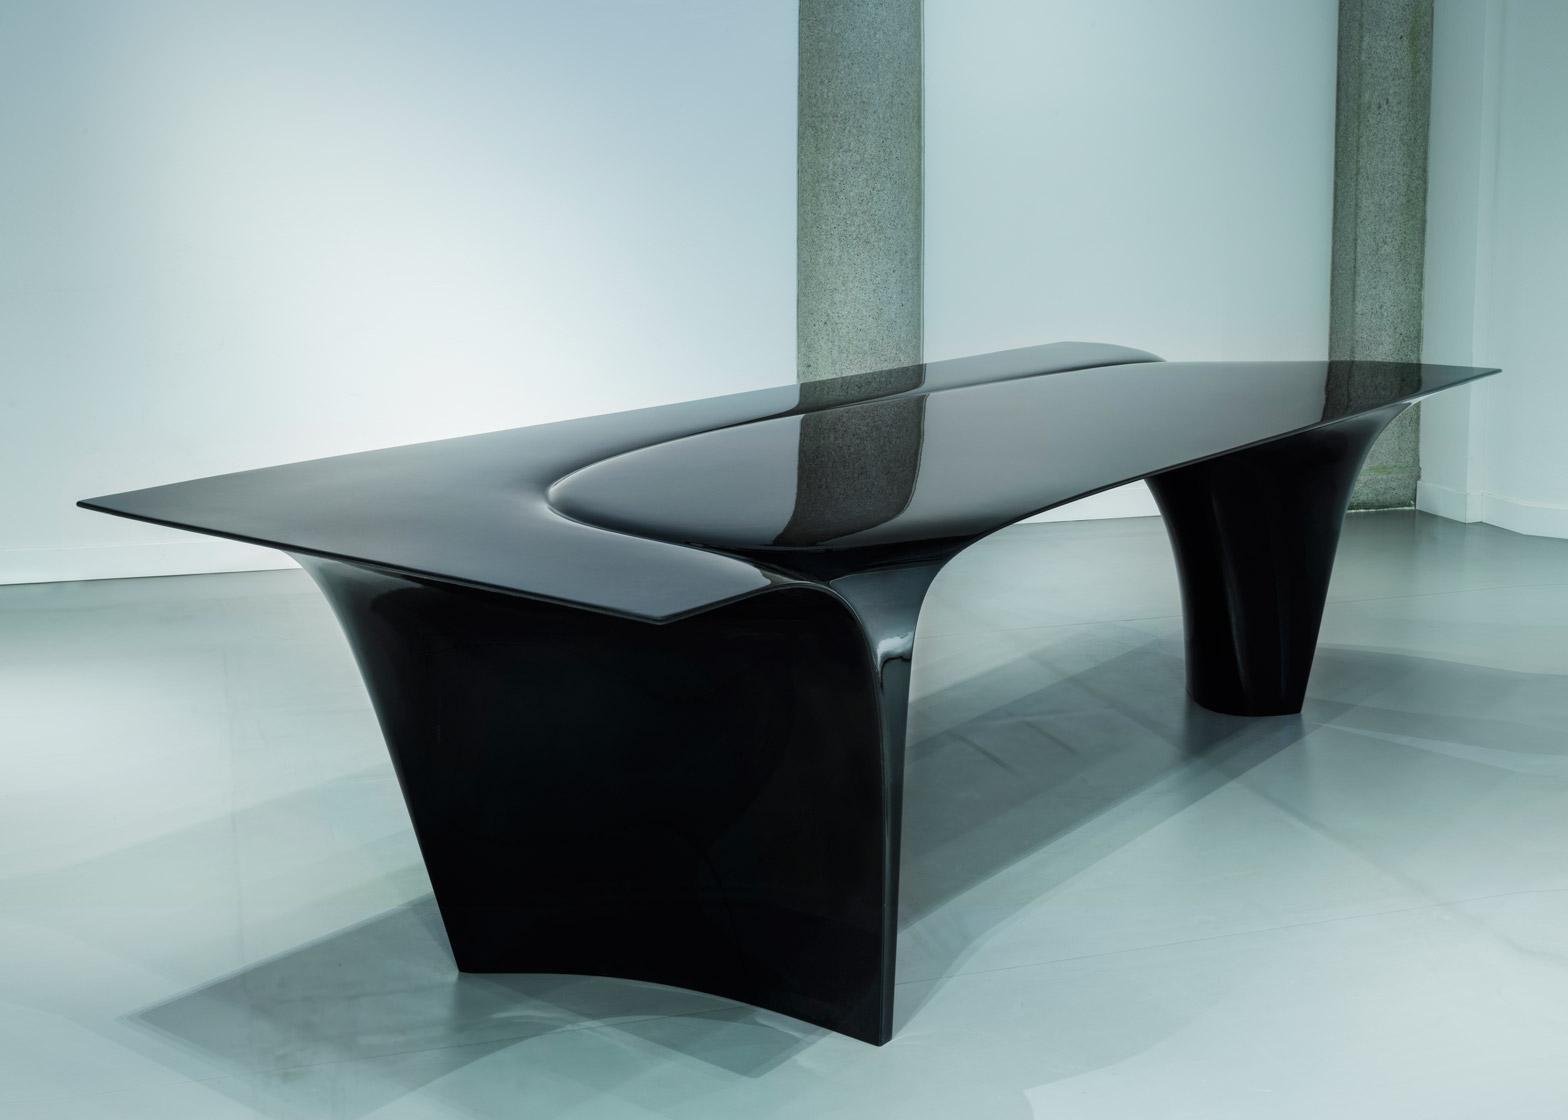 Charmant 8 Of 8; Mew Table By Zaha Hadid For Sawaya U0026 Moroni